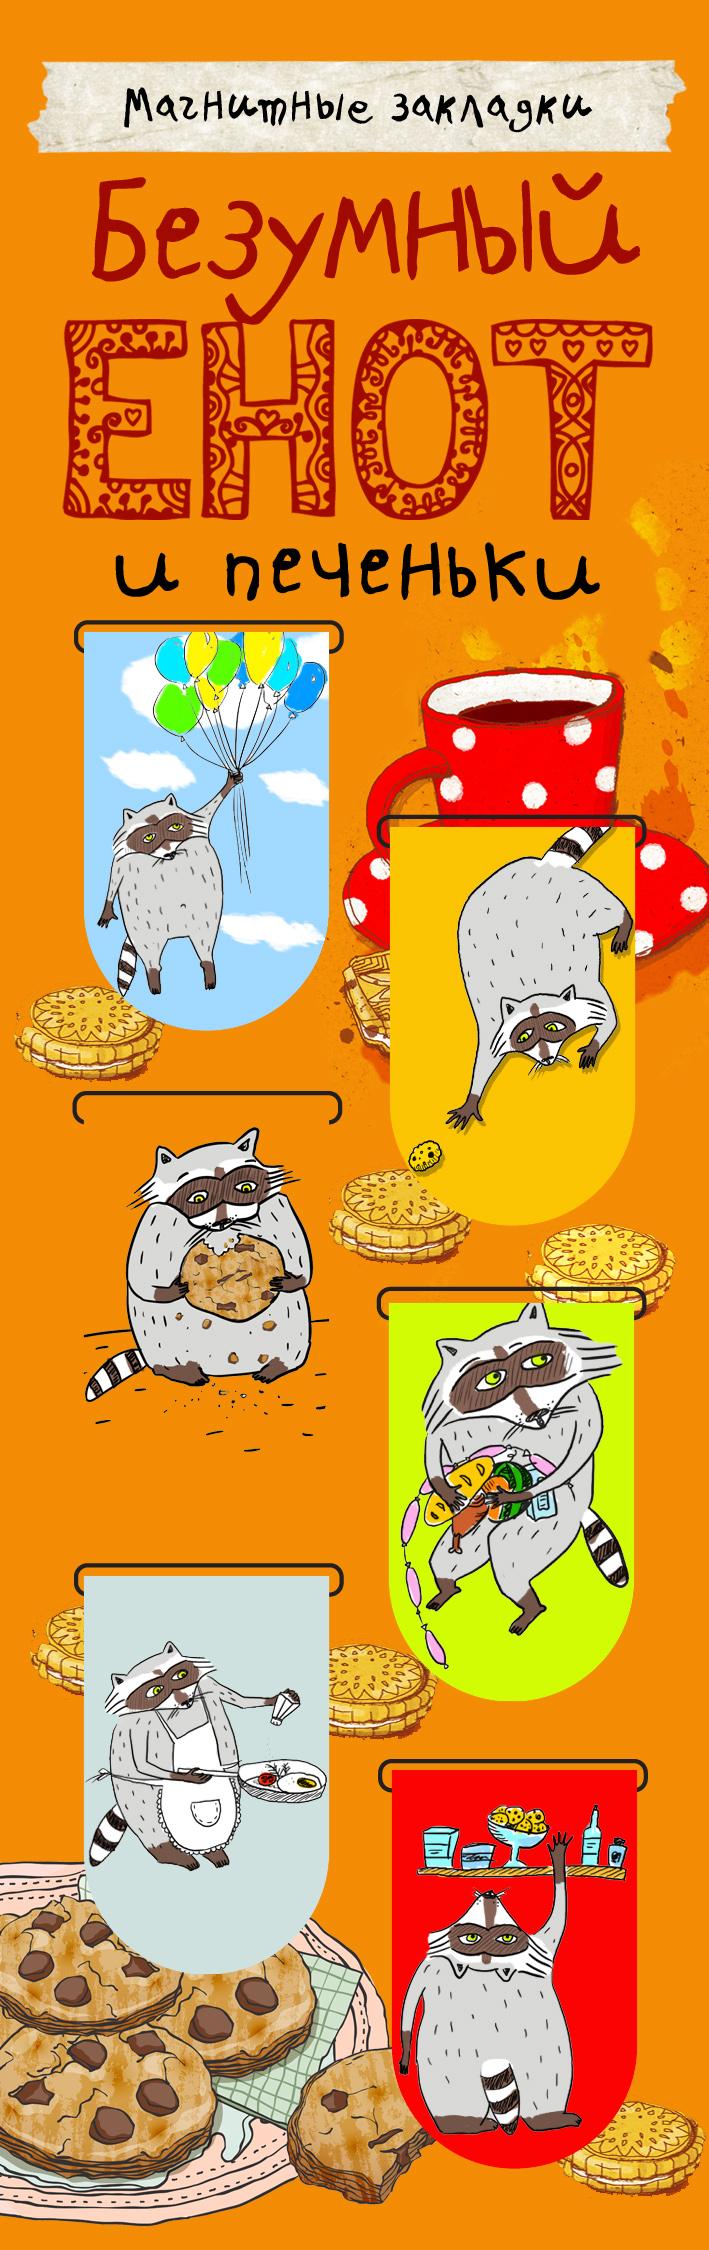 Магнитные закладки. Безумный енот и печеньки (6 закладок полукругл.) магнитные закладки безумный енот и этот бессердечный мир 6 закладок полукругл